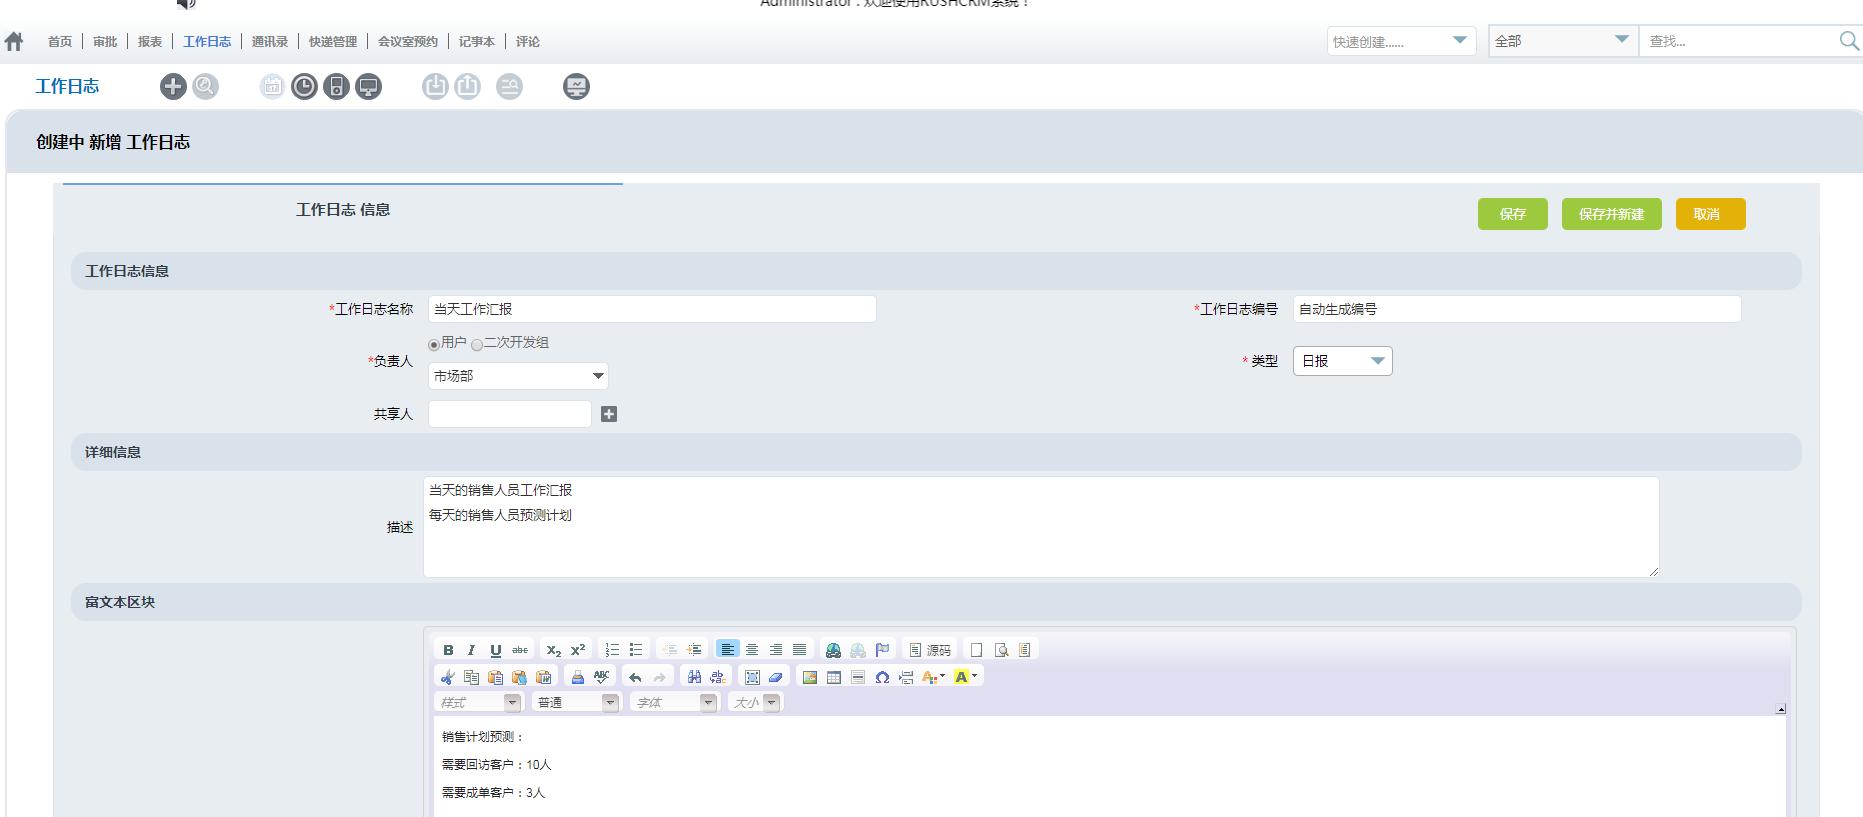 在线CRM-Rushcrm:客户管理系统每日销售汇报功能